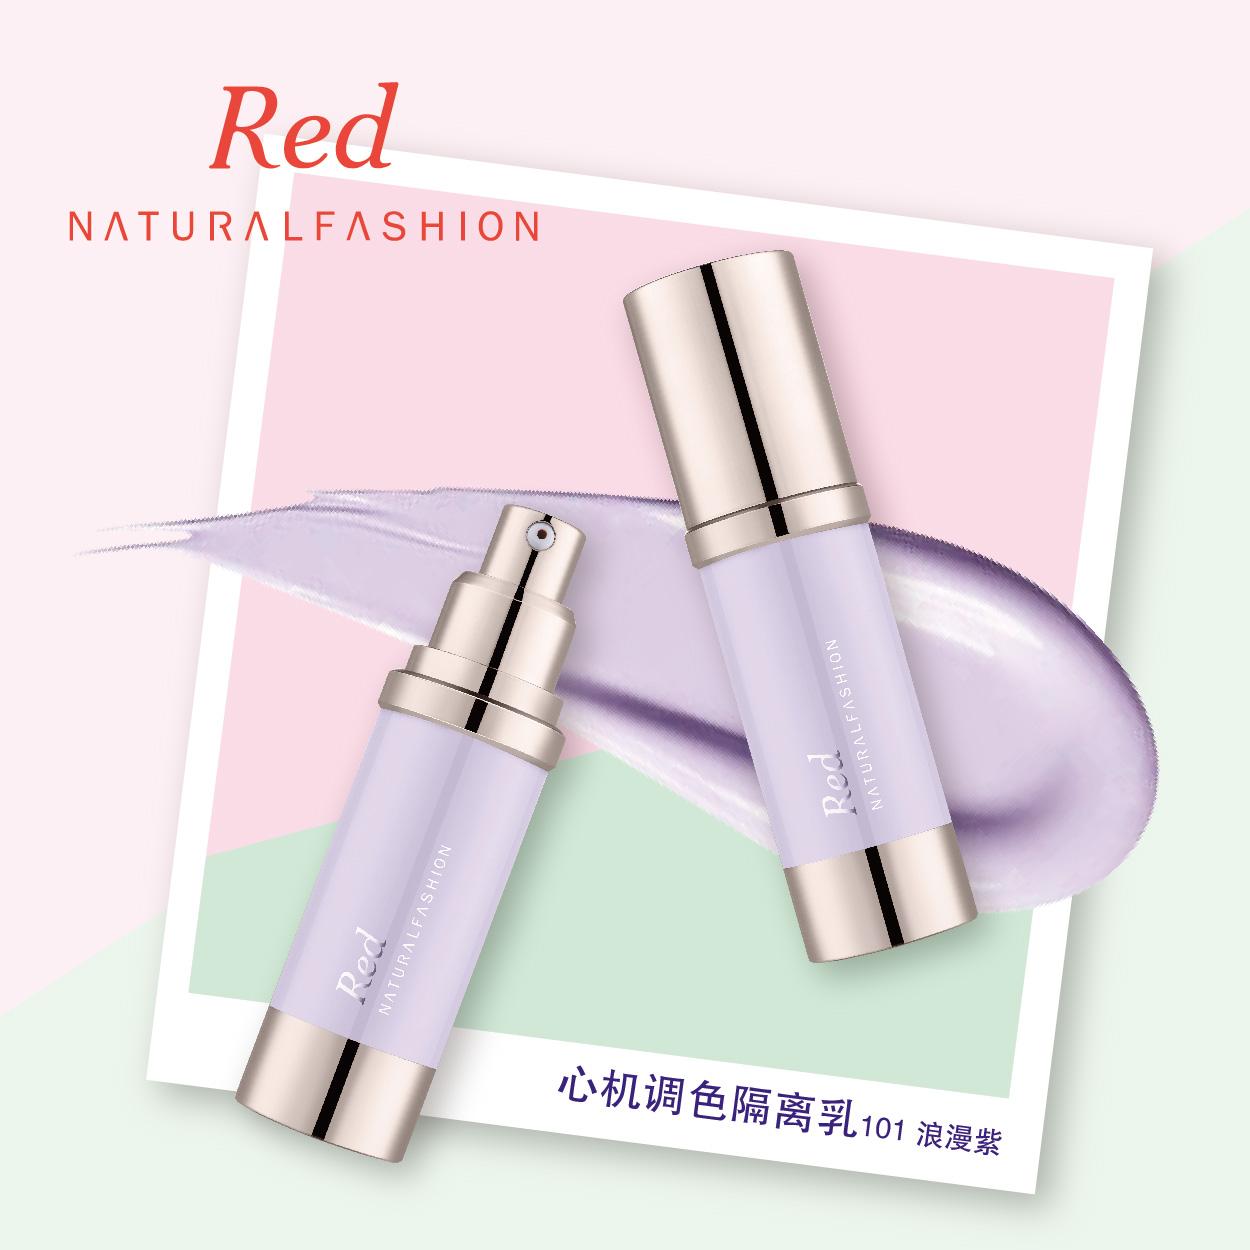 Red naturalfashion心机调色隔离乳(浪漫紫)